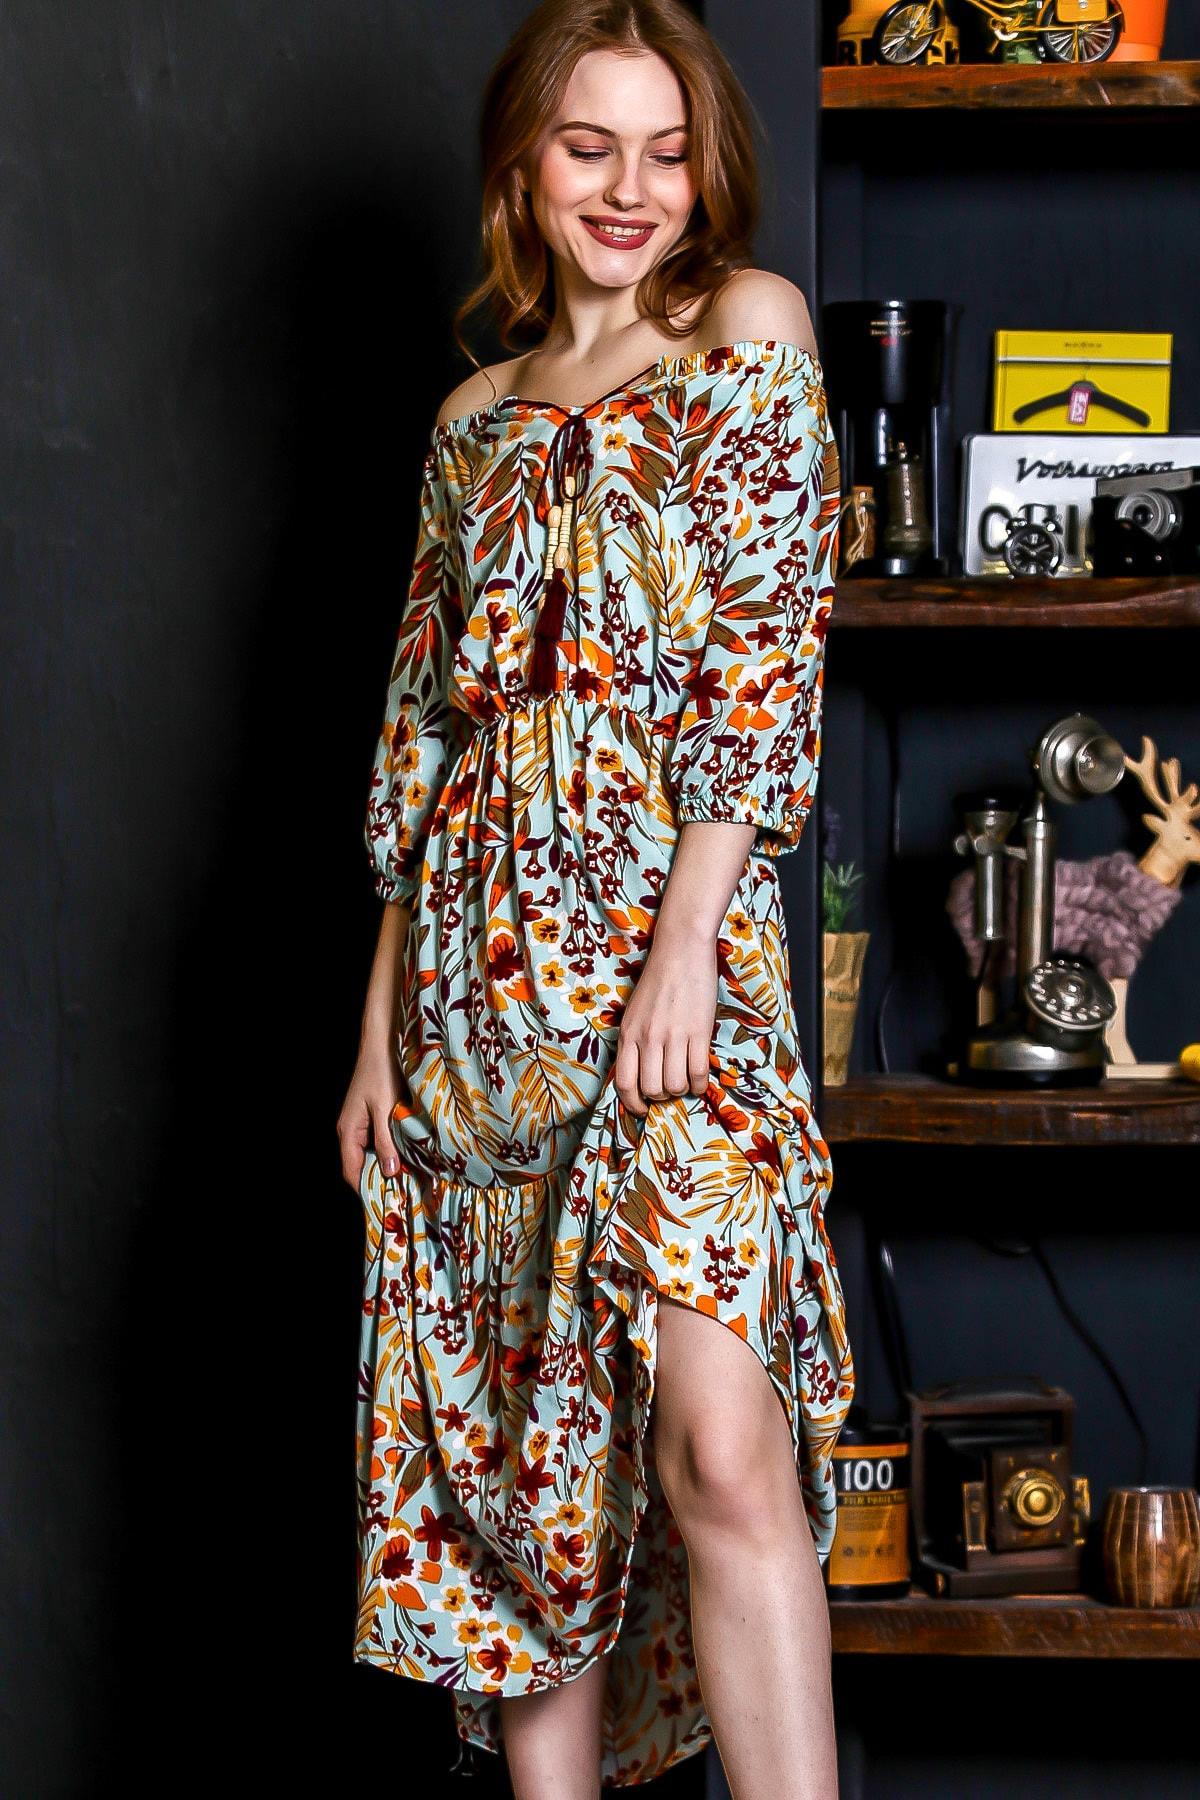 Chiccy Kadın Mint Carmen Yaka Boncuklu Püskül Detaylı Beli Lastikli Uzun Dokuma Elbise M10160000EL95199